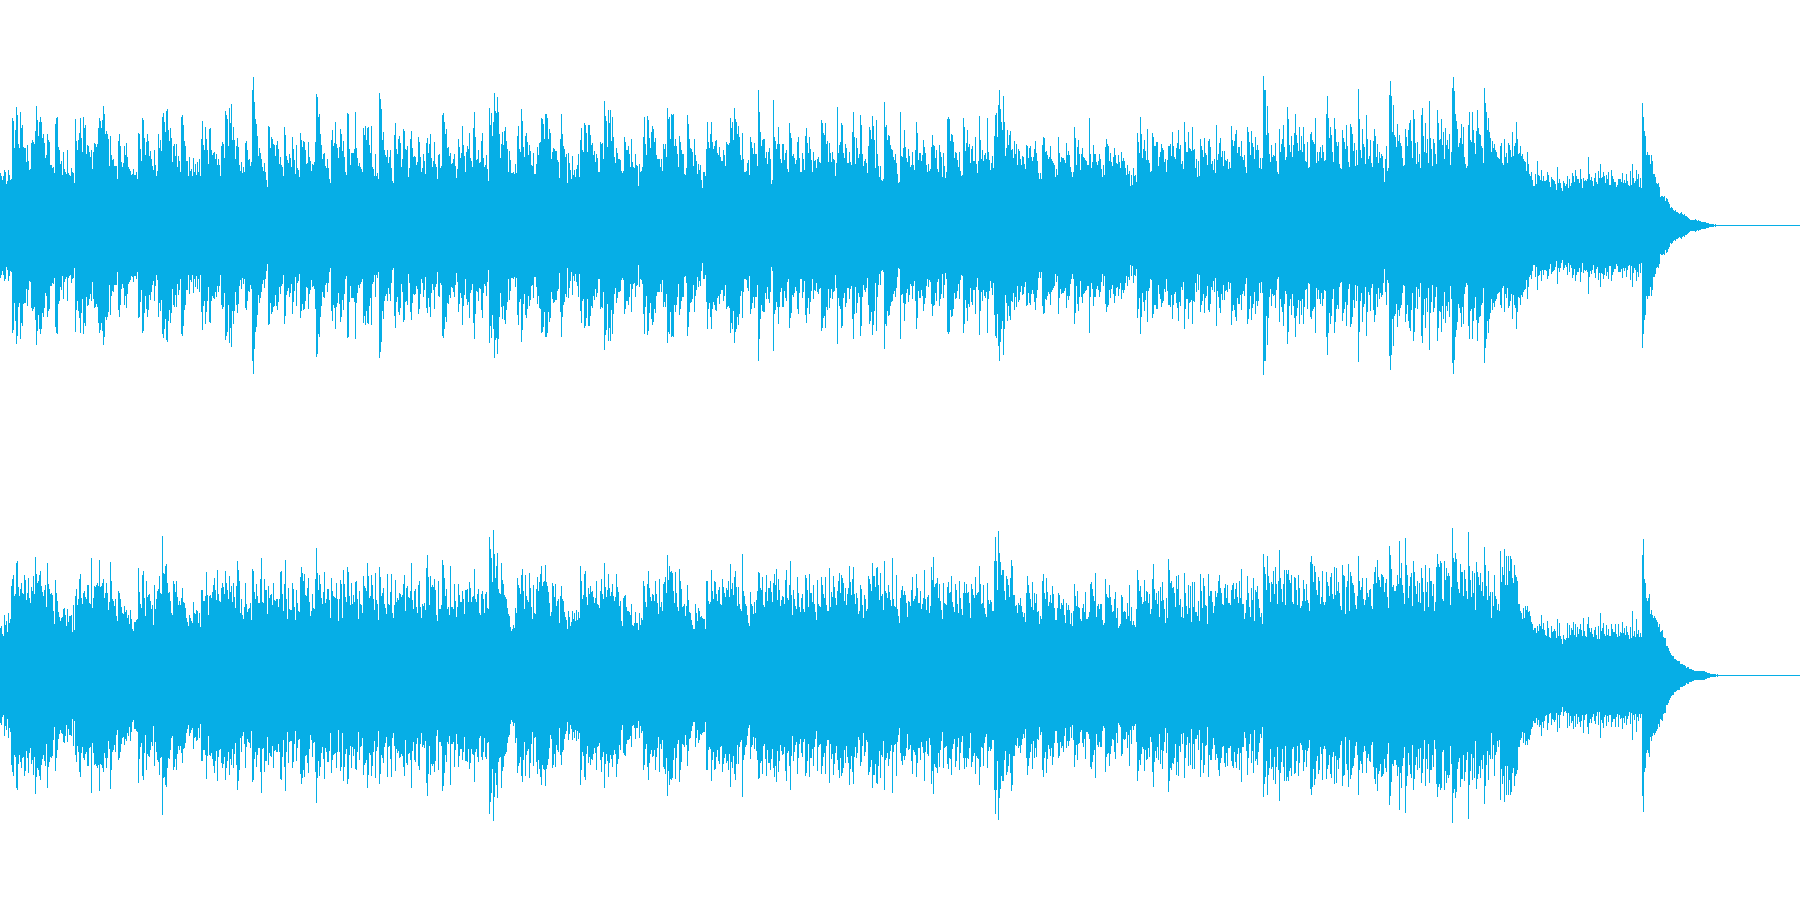 アコースティックセンチメンタル#33-1の再生済みの波形